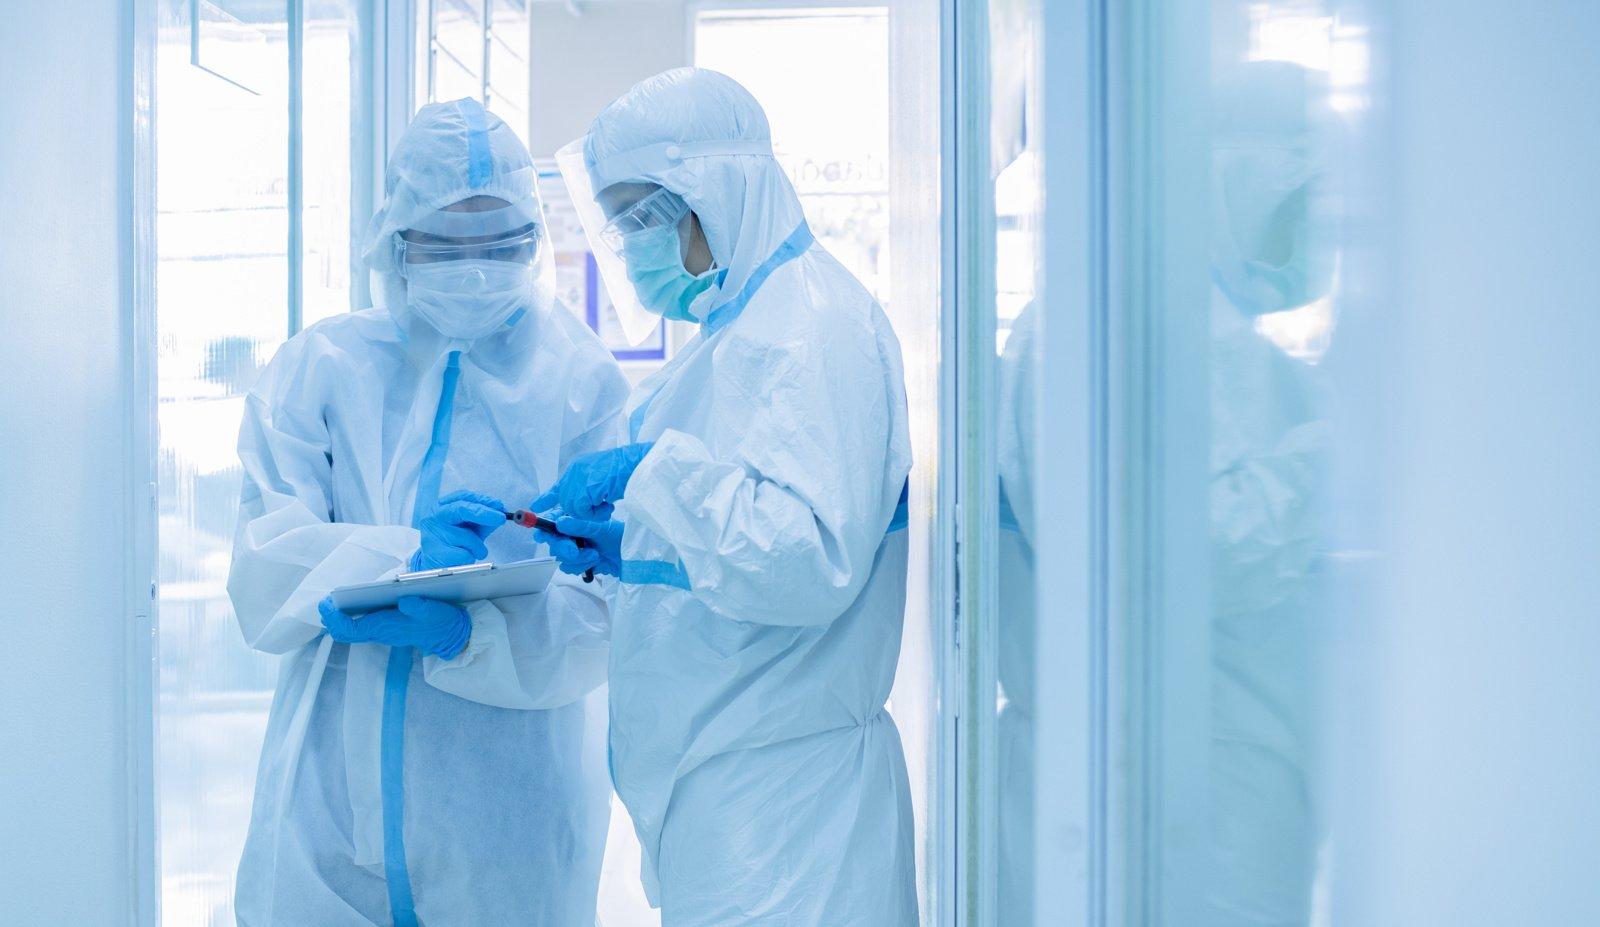 Lietuvoje patvirtinti 73 nauji koronaviruso atvejai